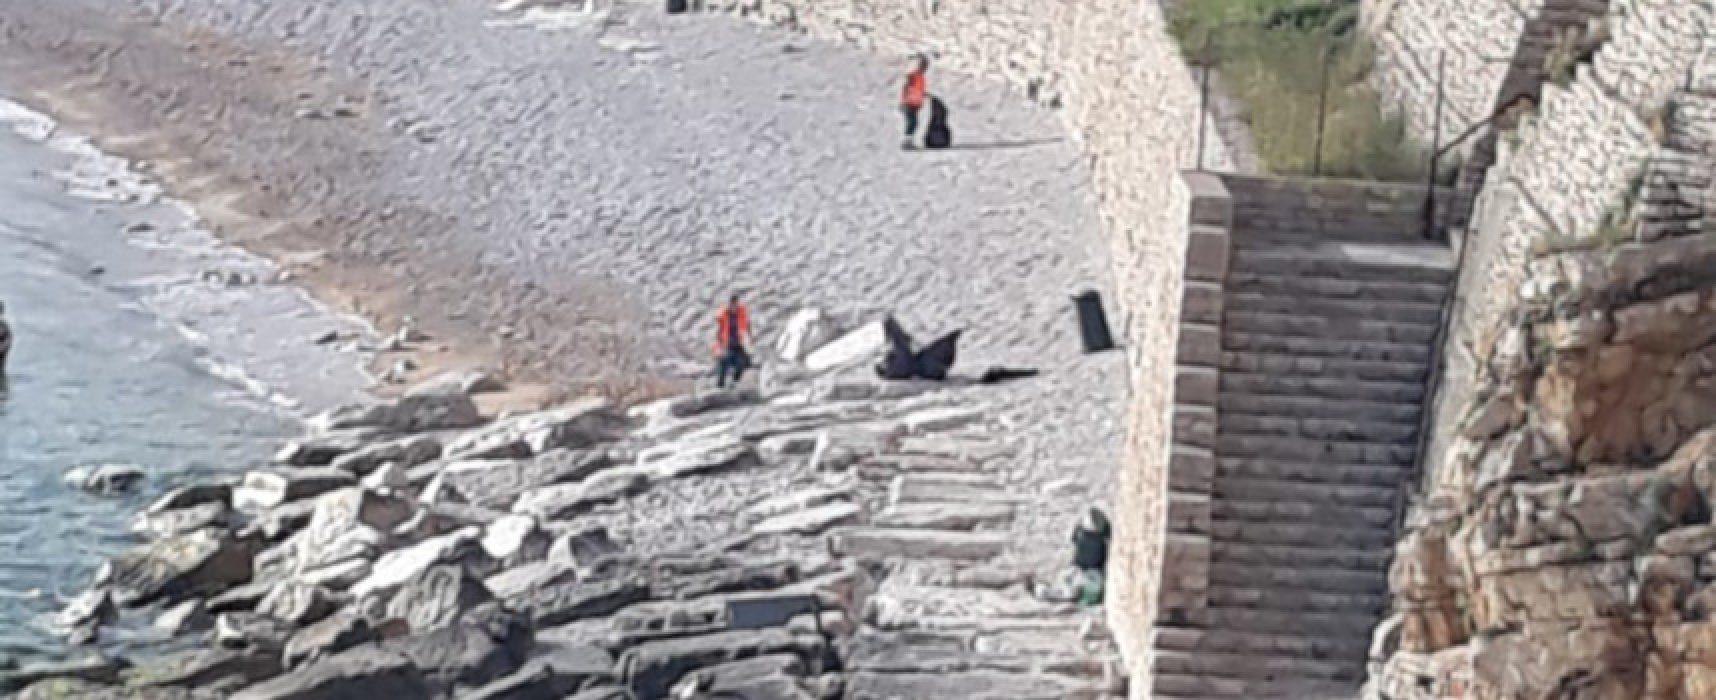 Finanziamento regionale di 28mila euro per pulizia spiagge